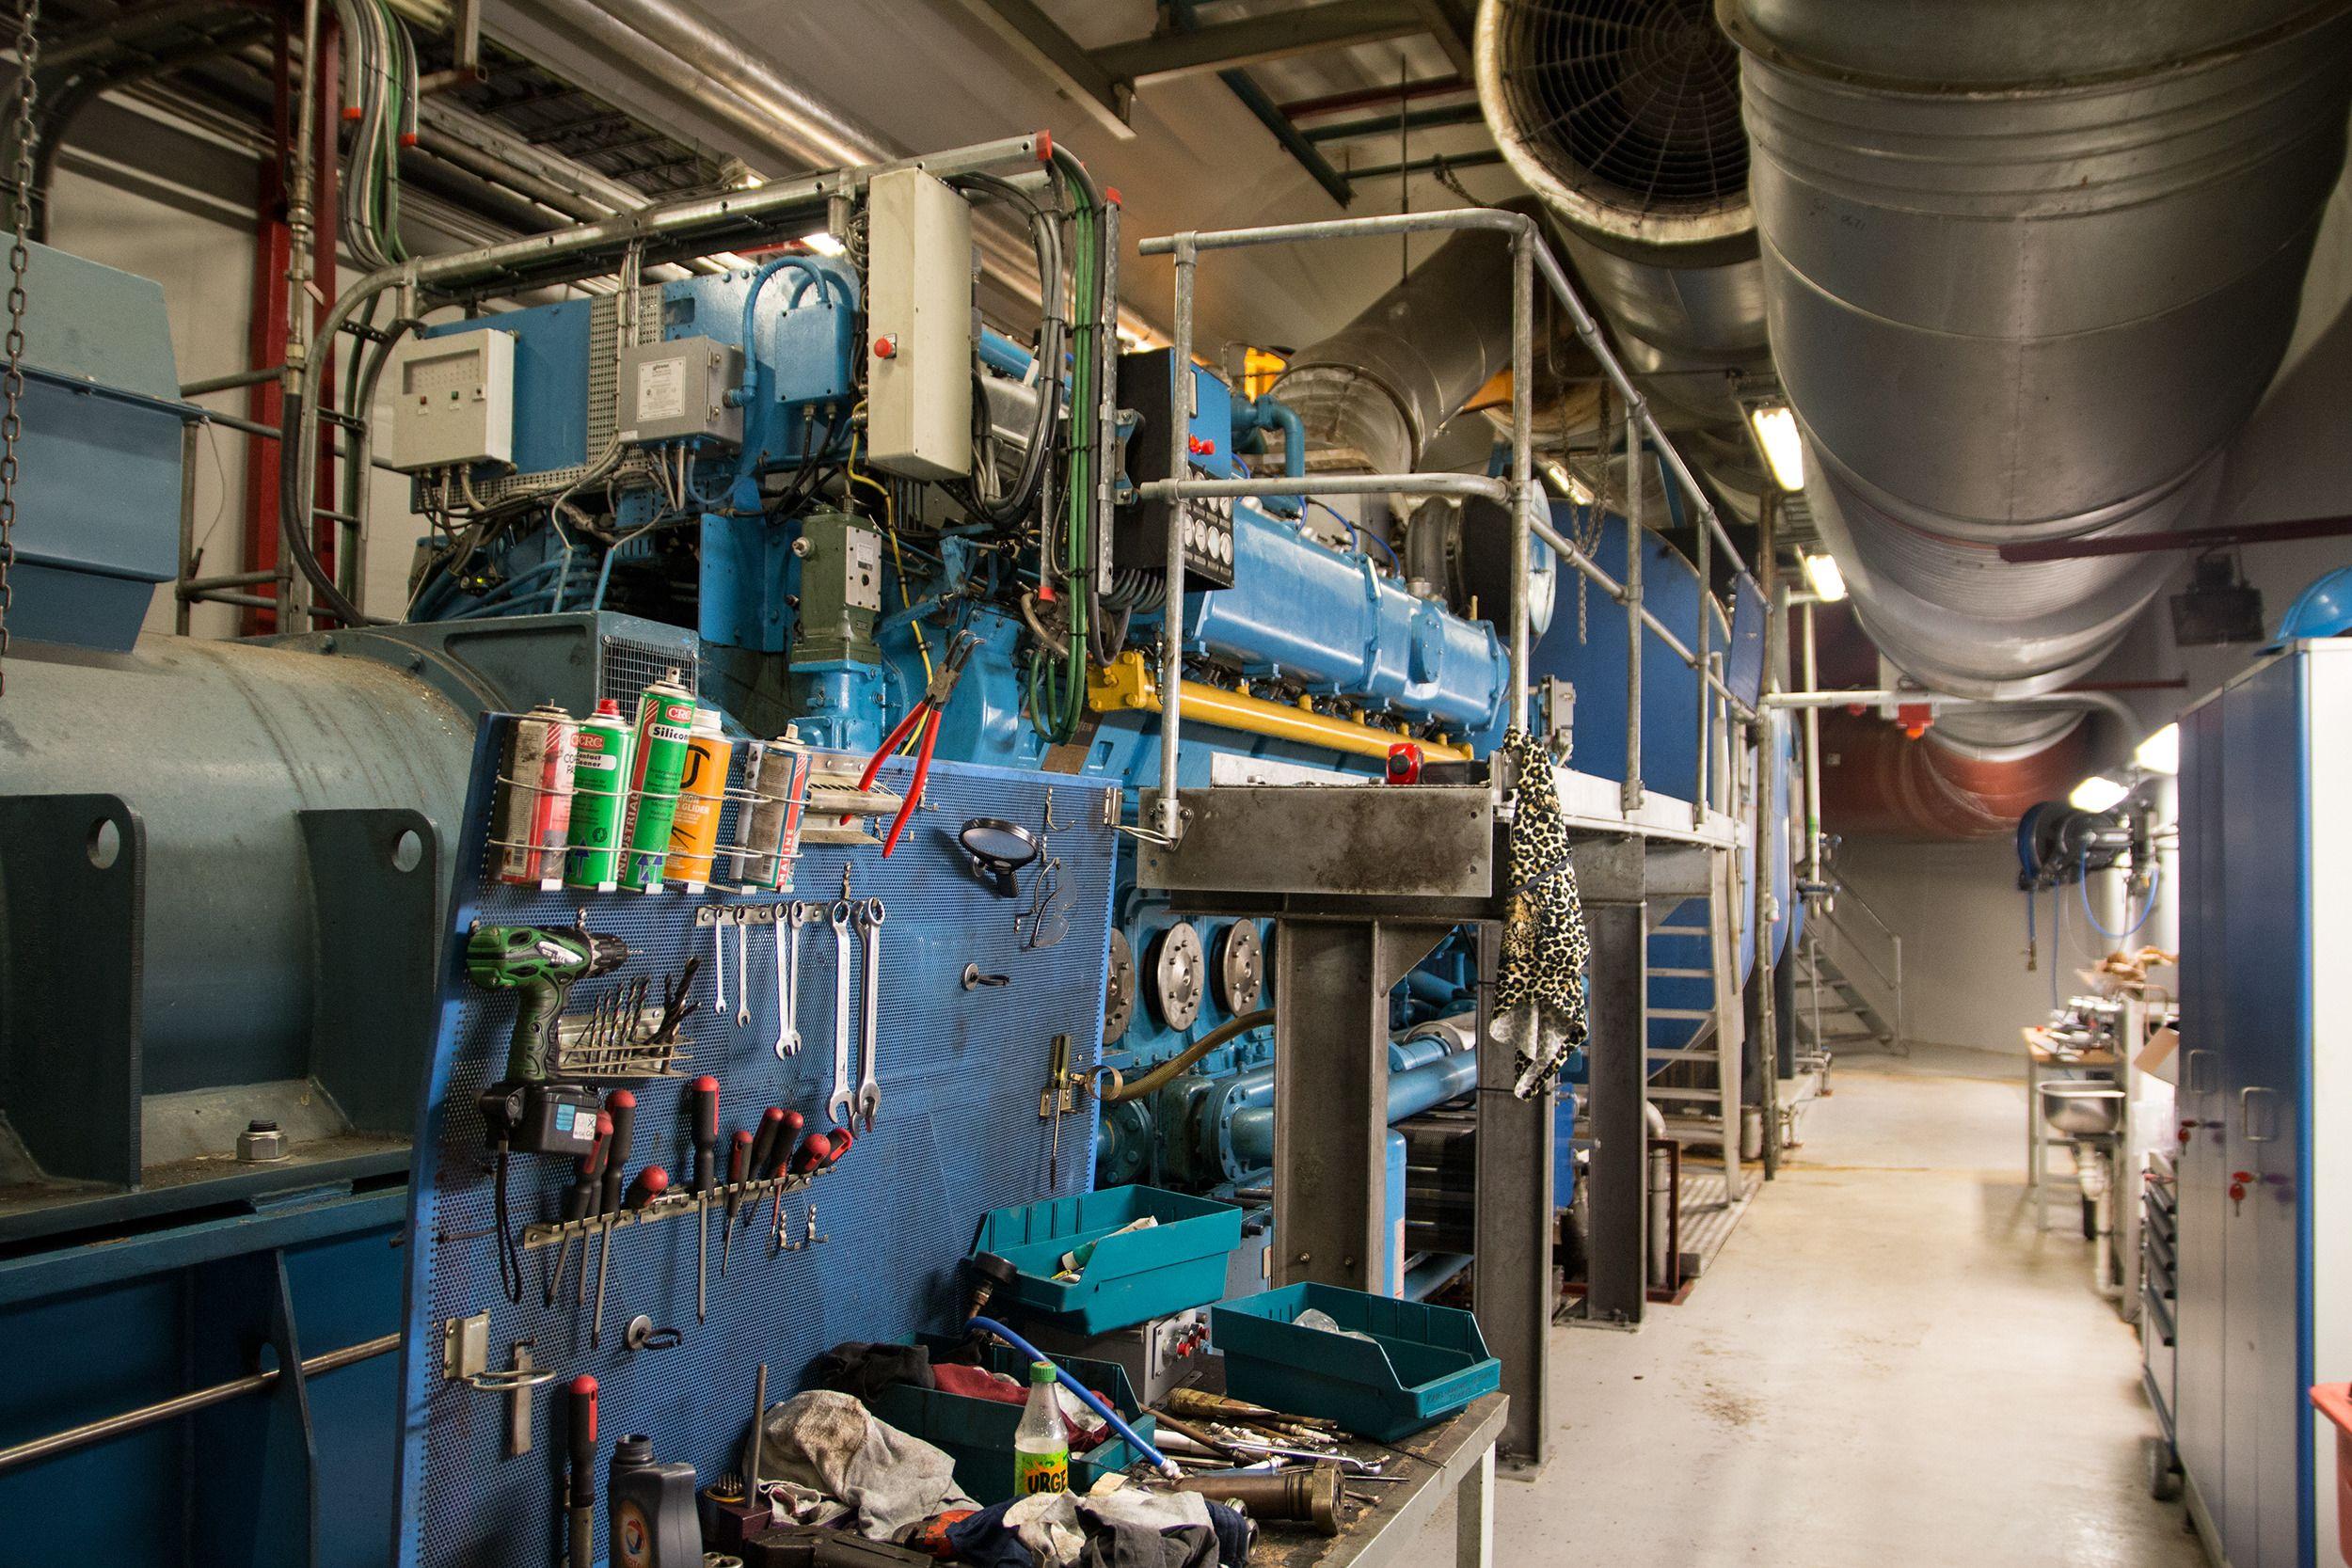 VEAS lager mye av sin egen strøm, da ved hjelp av aggregater som dette.